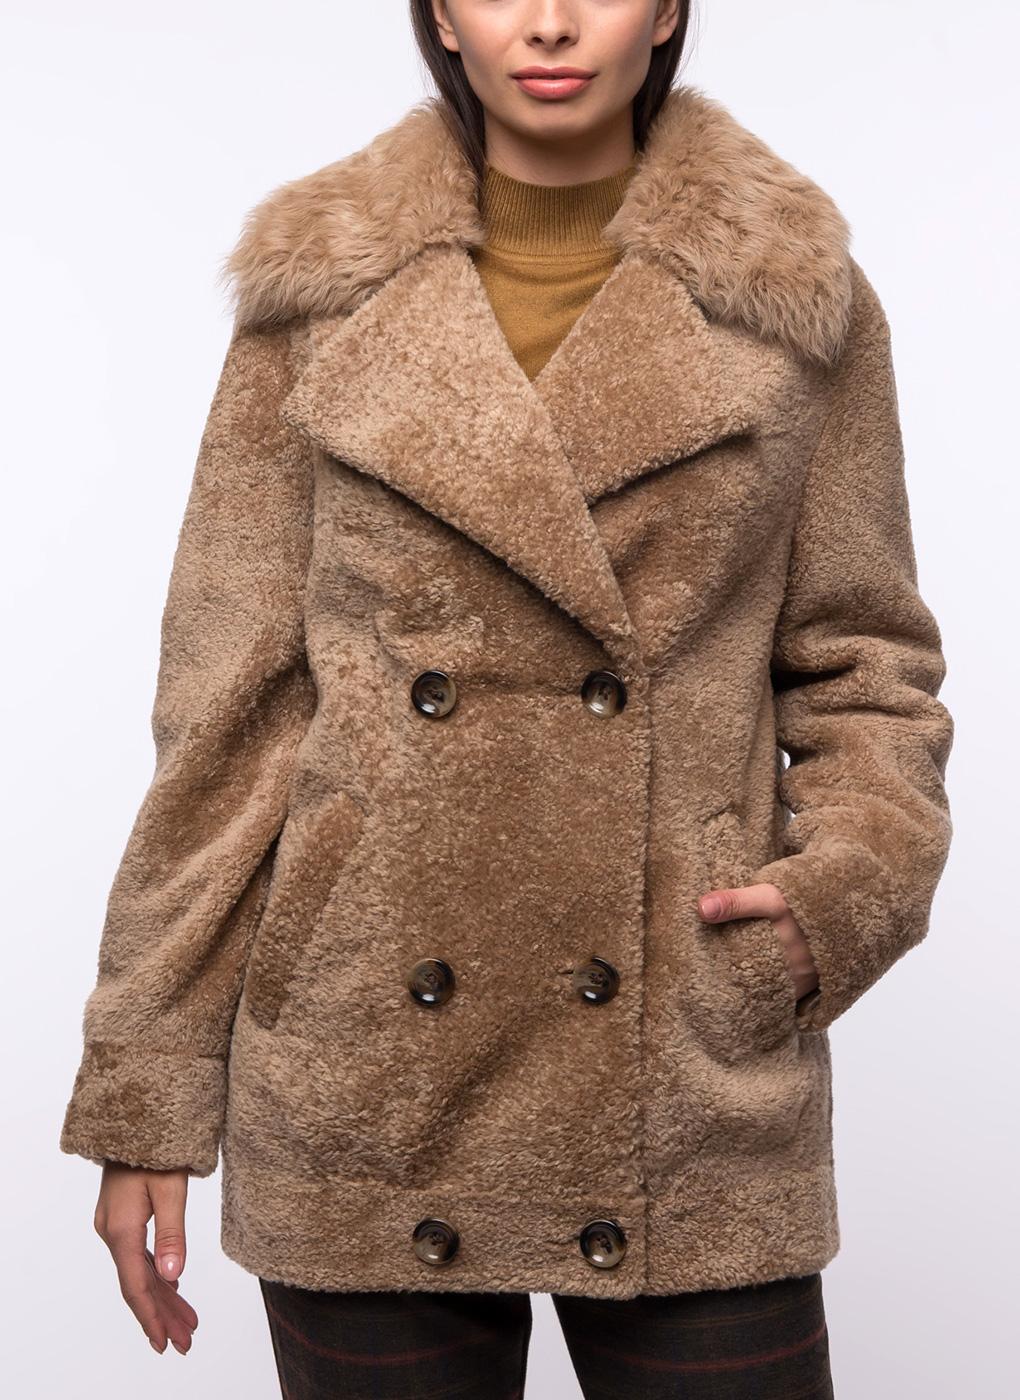 Куртка из овчины прямая 08, Aliance fur фото